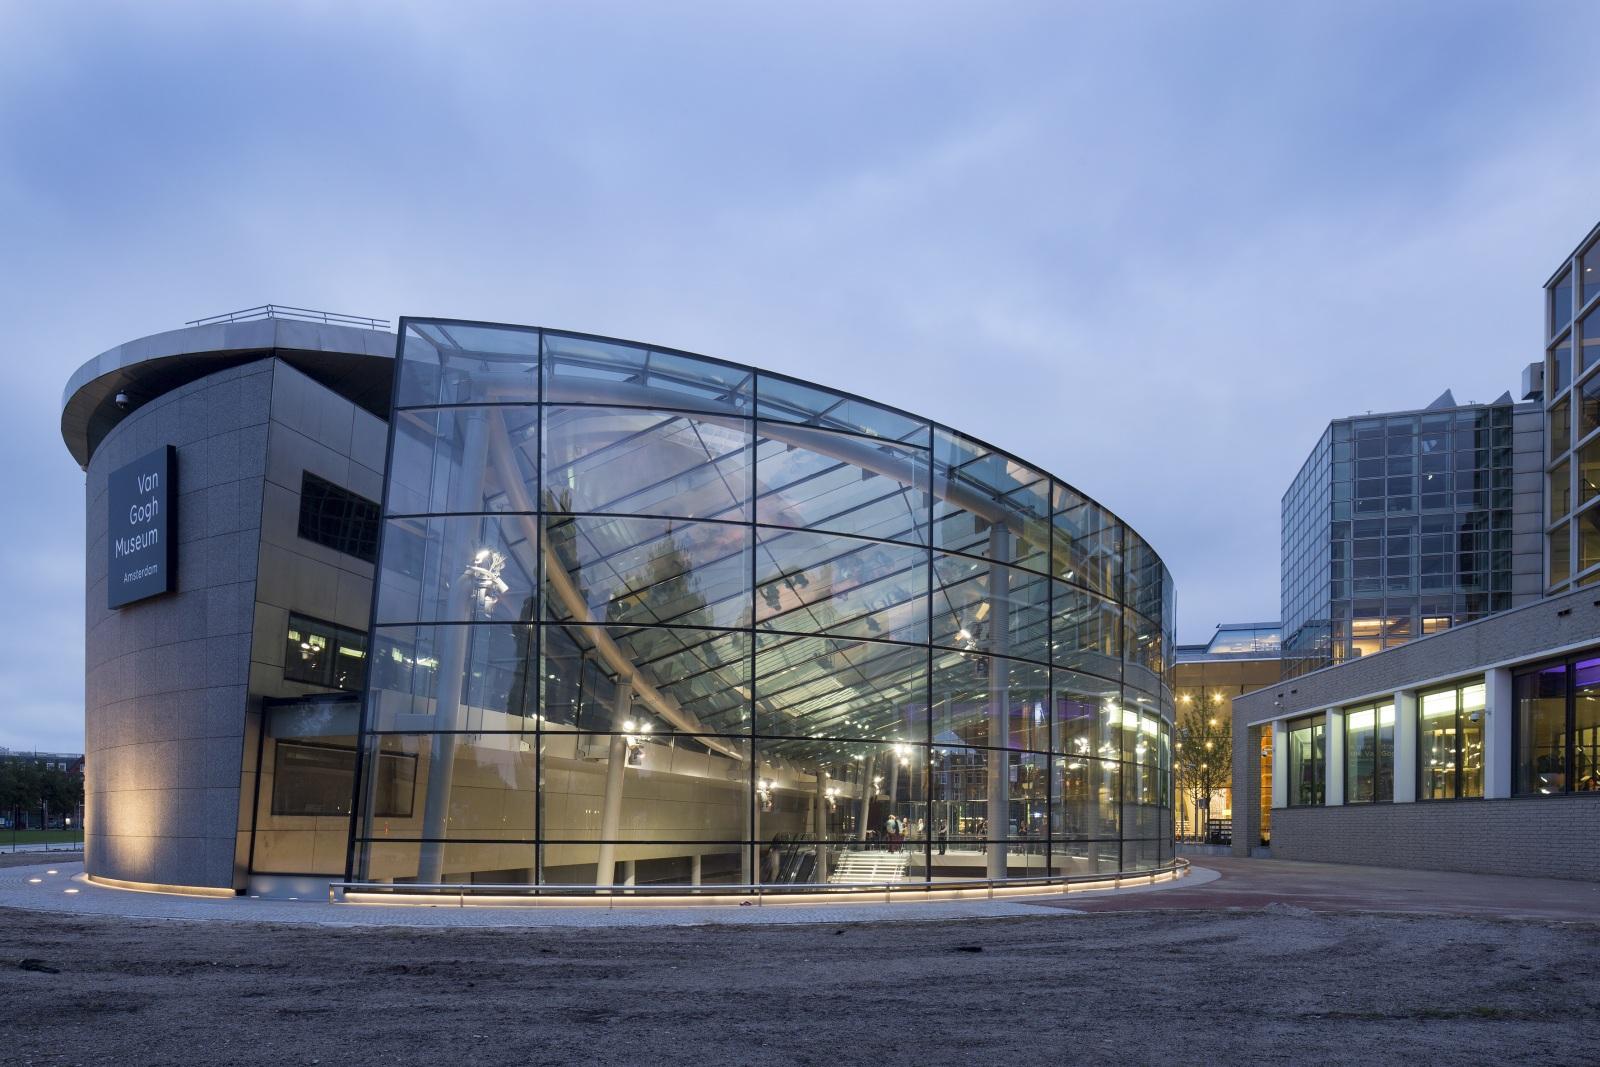 <p>Glazen entreegebouw Van Gogh museum, een ontwerp van Hans van Heeswijk architecten. Octatube is verantwoordelijk geweest voor de uitvoering van de glasconstructie. Foto: Luuk Kramer</p>